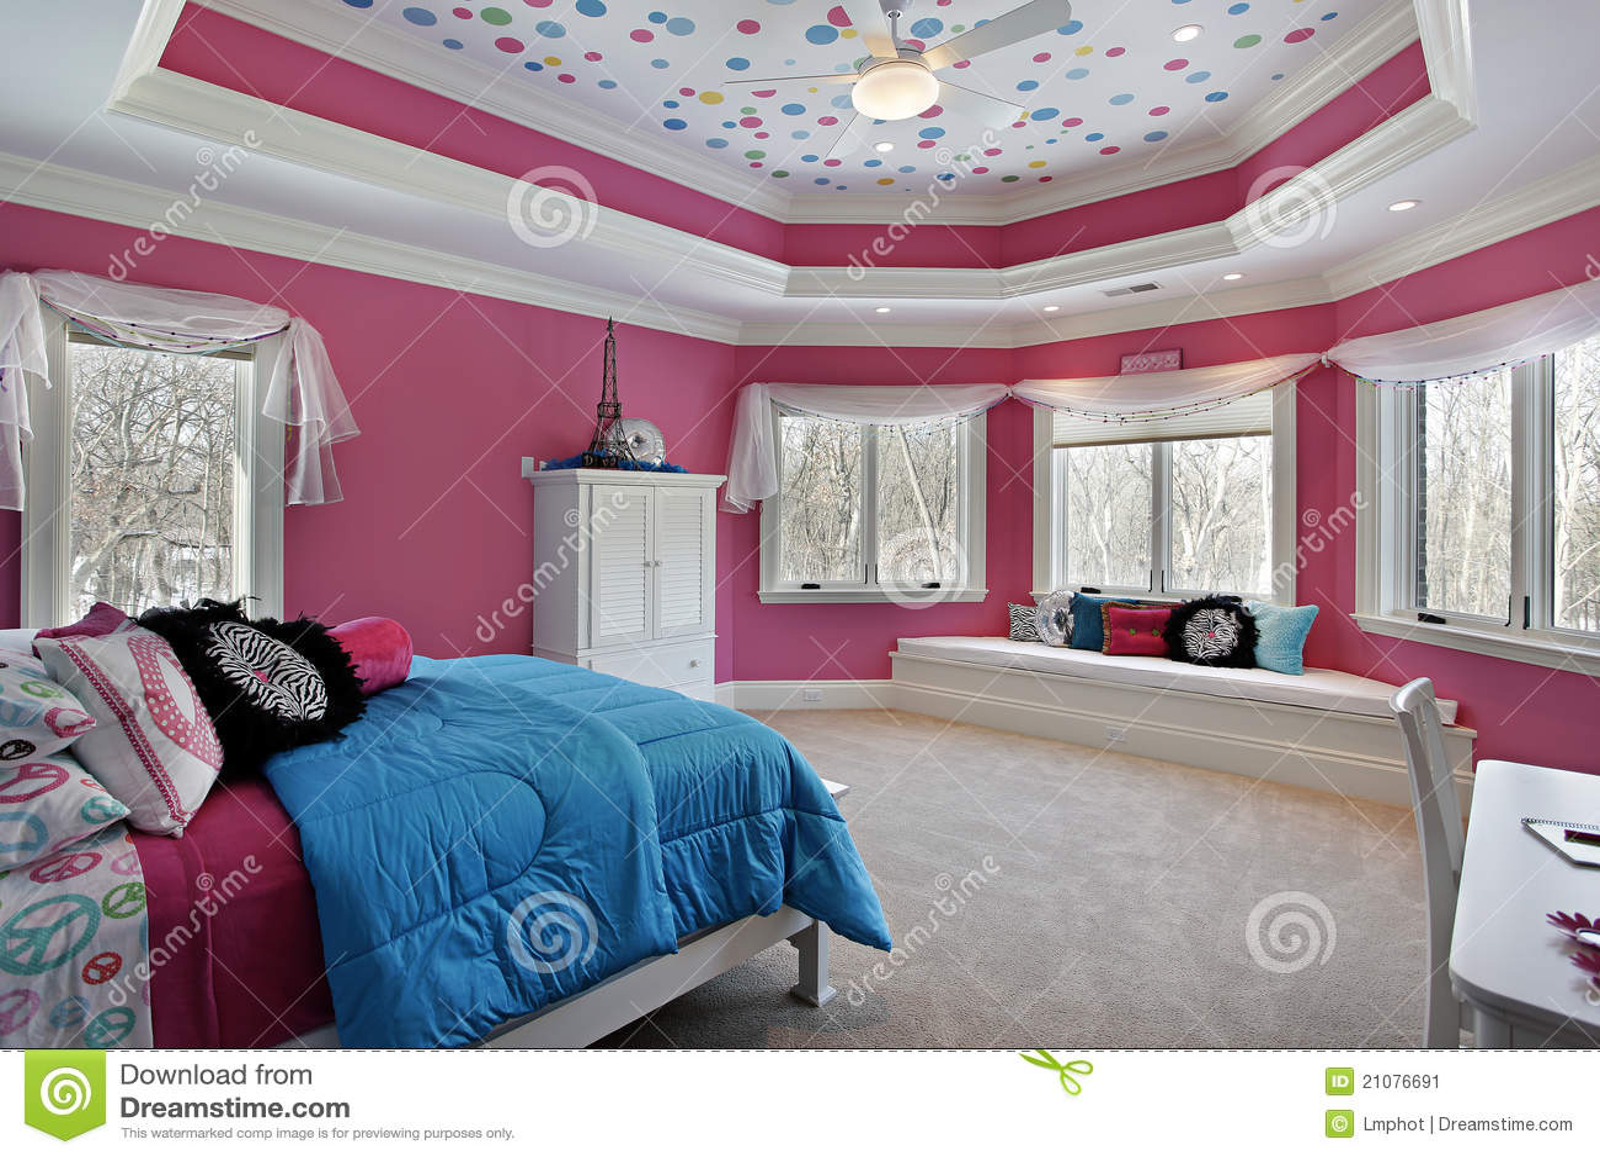 De slaapkamer van het meisje met roze muren stock afbeelding afbeelding 21076691 - Slaapkamer van een meisje ...